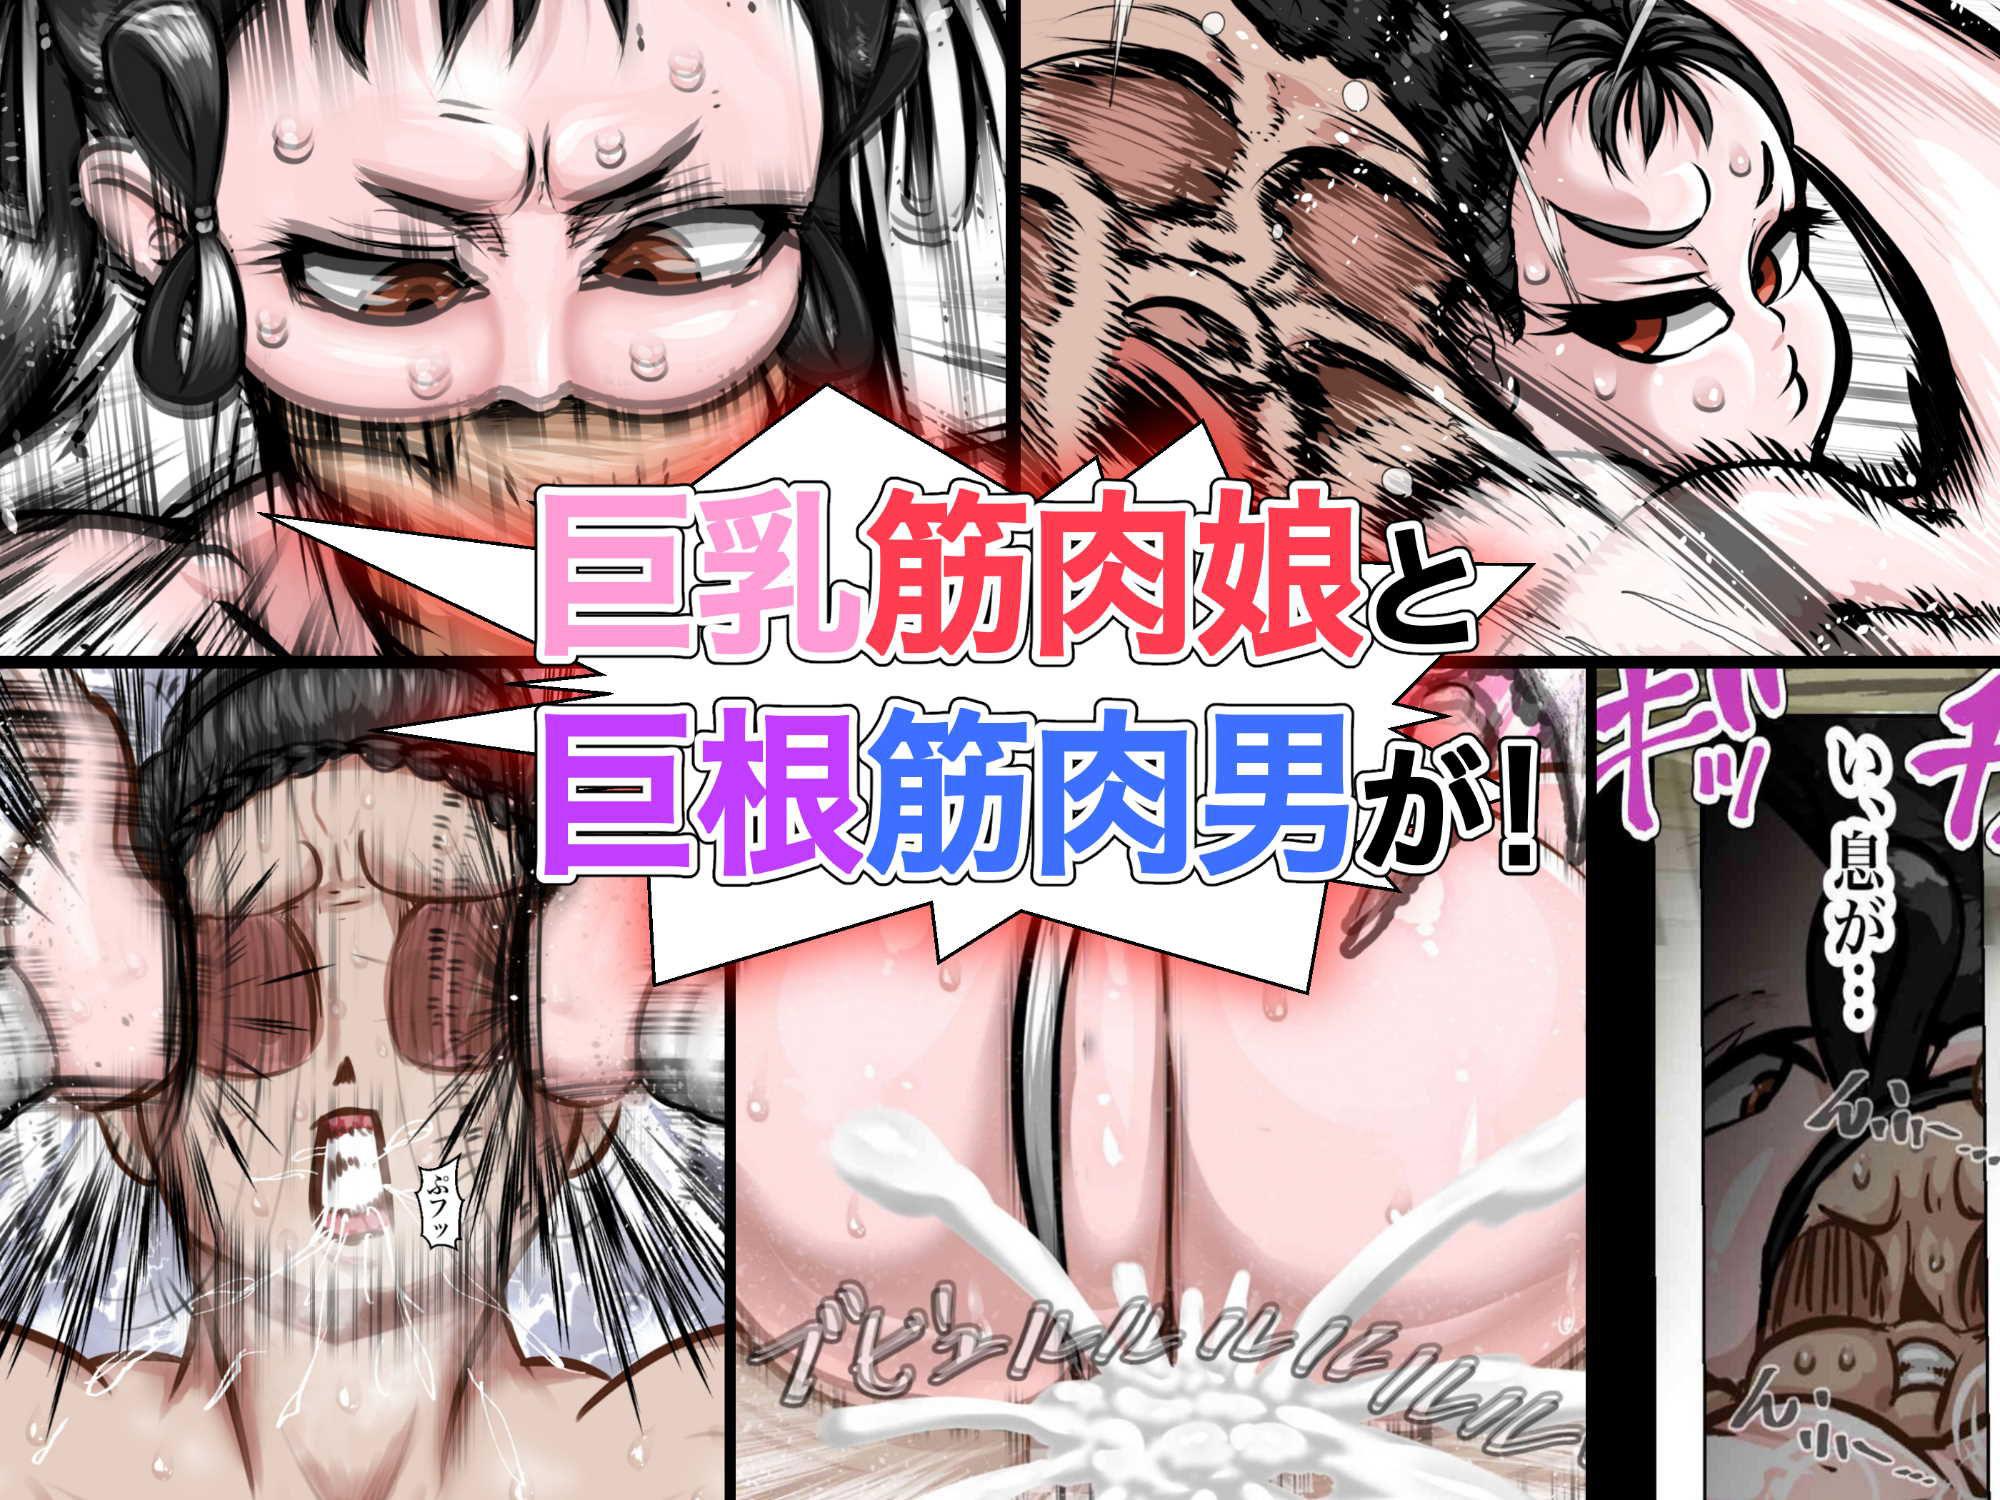 むちむちふんどし娘と肉弾喧嘩相撲 エロ画像